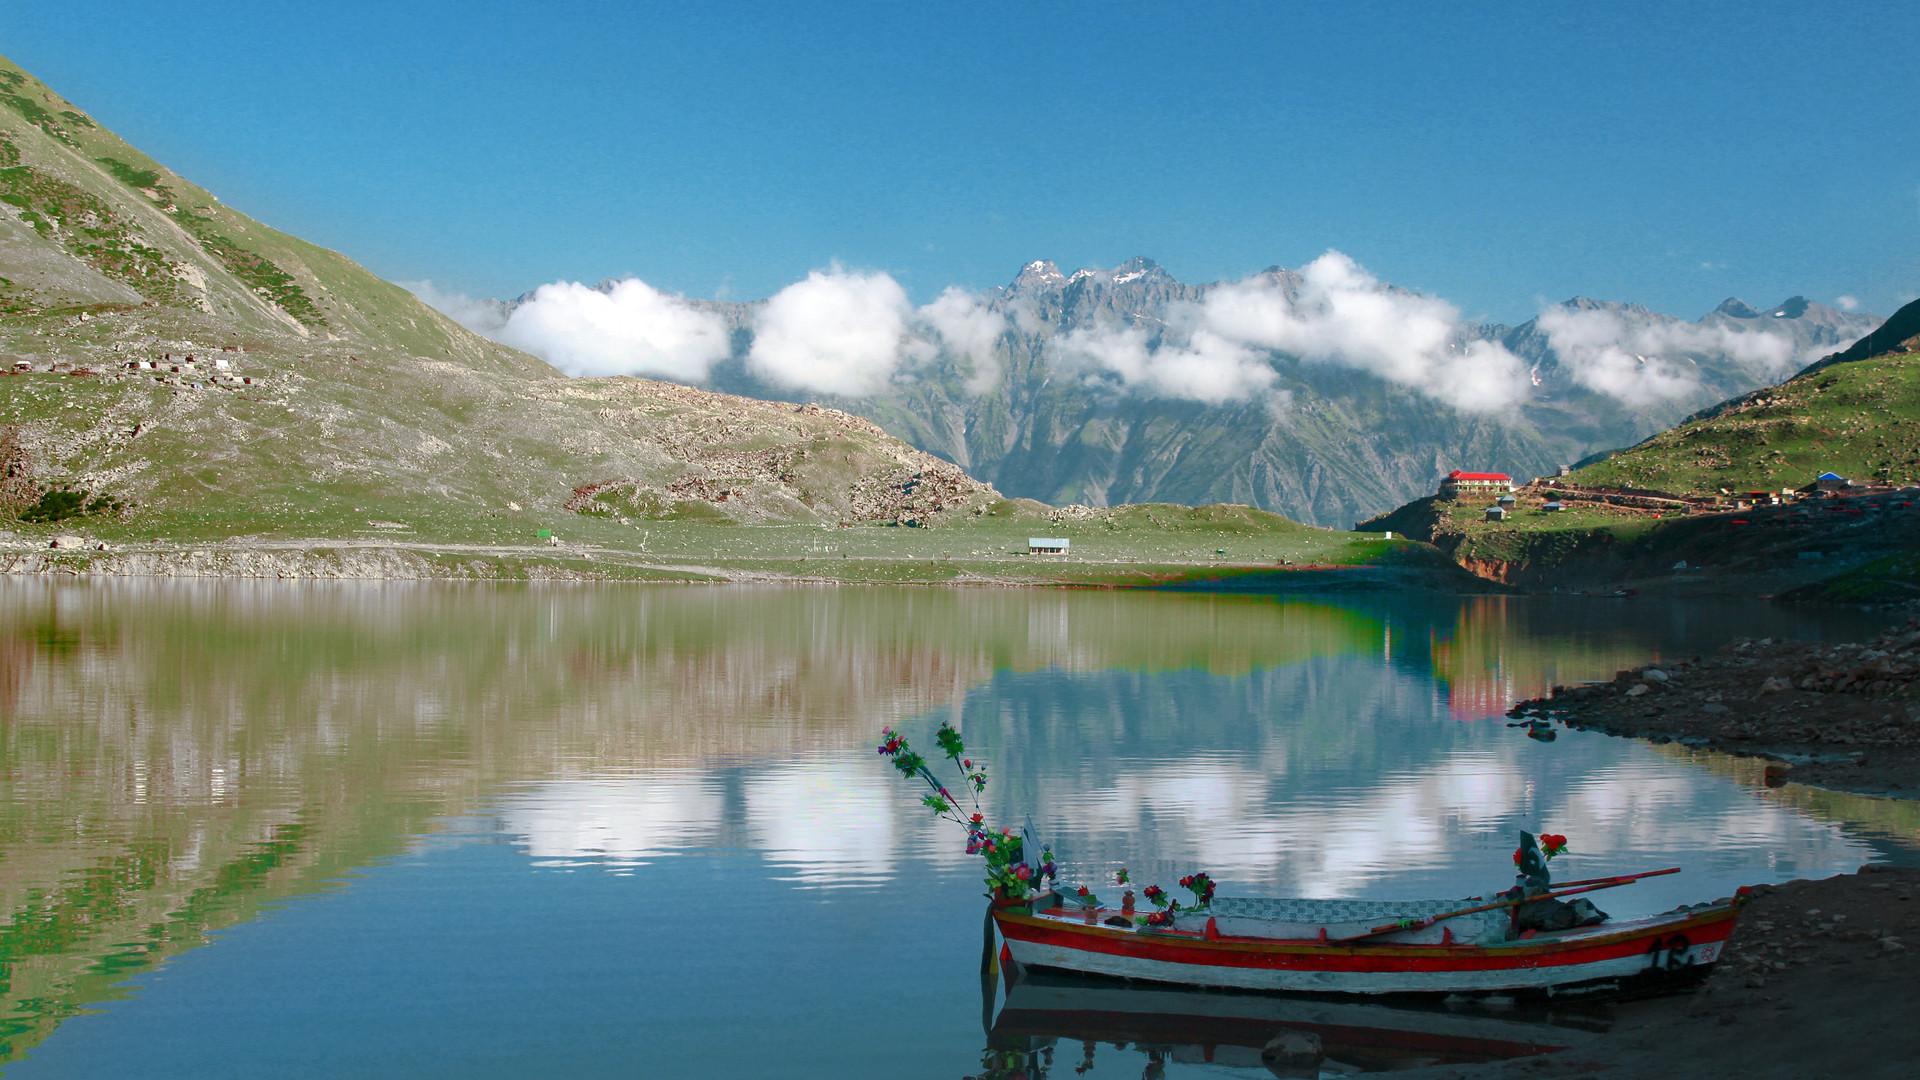 urdu waterway